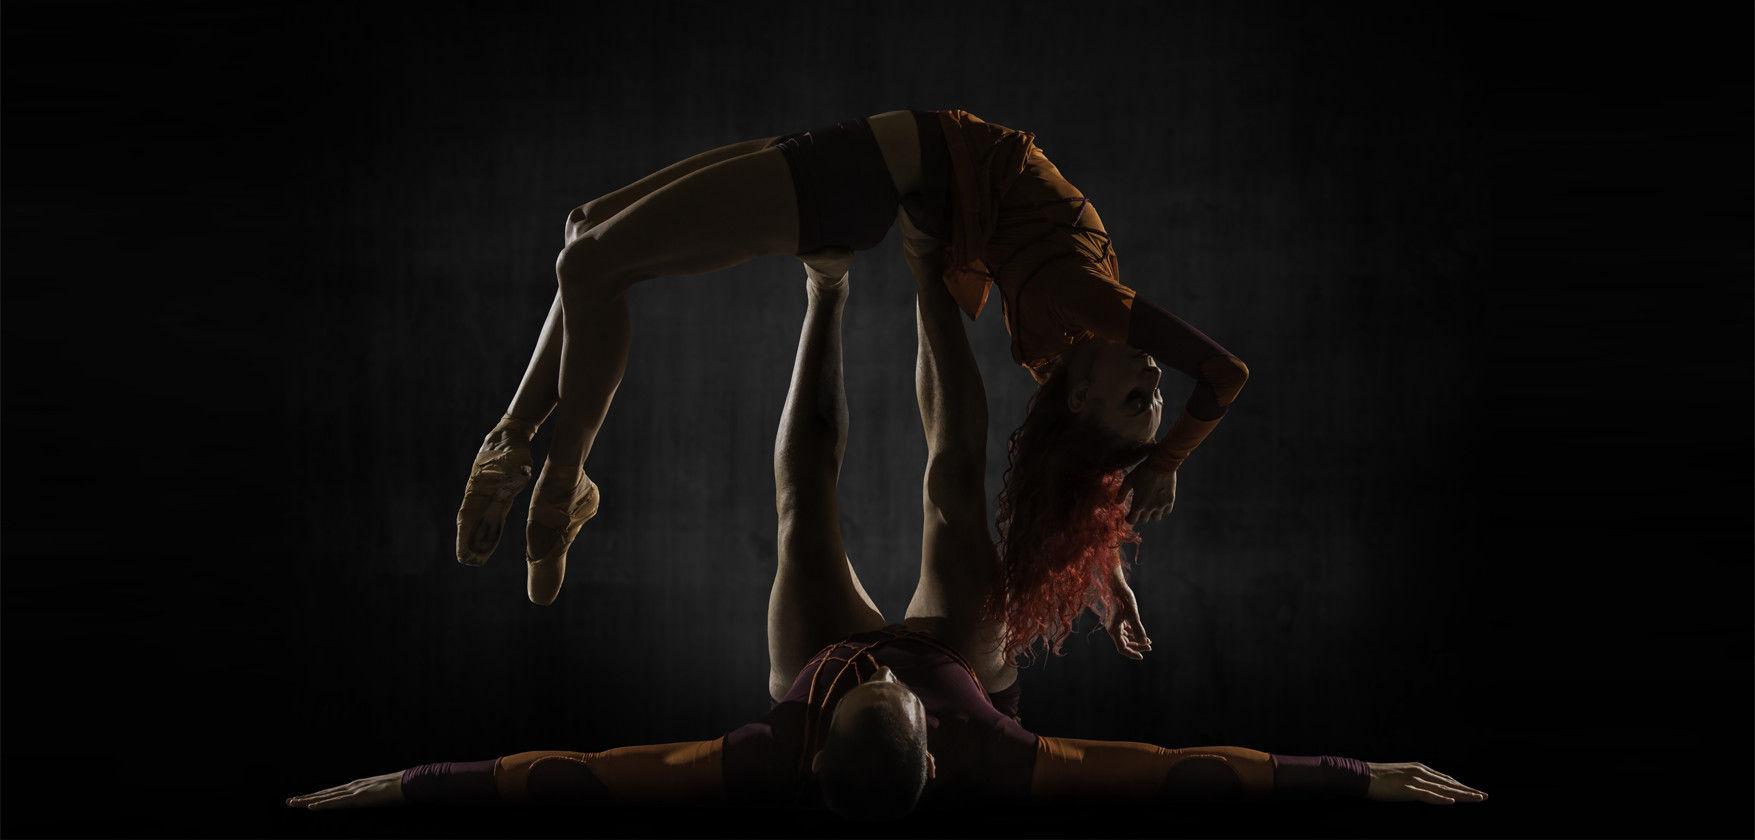 Mono Lisa by Les Ballets Jazz de Montréal (BJM). Dancers: Céline Cassone & Mark Francis Caserta. Photo: Alan Khol